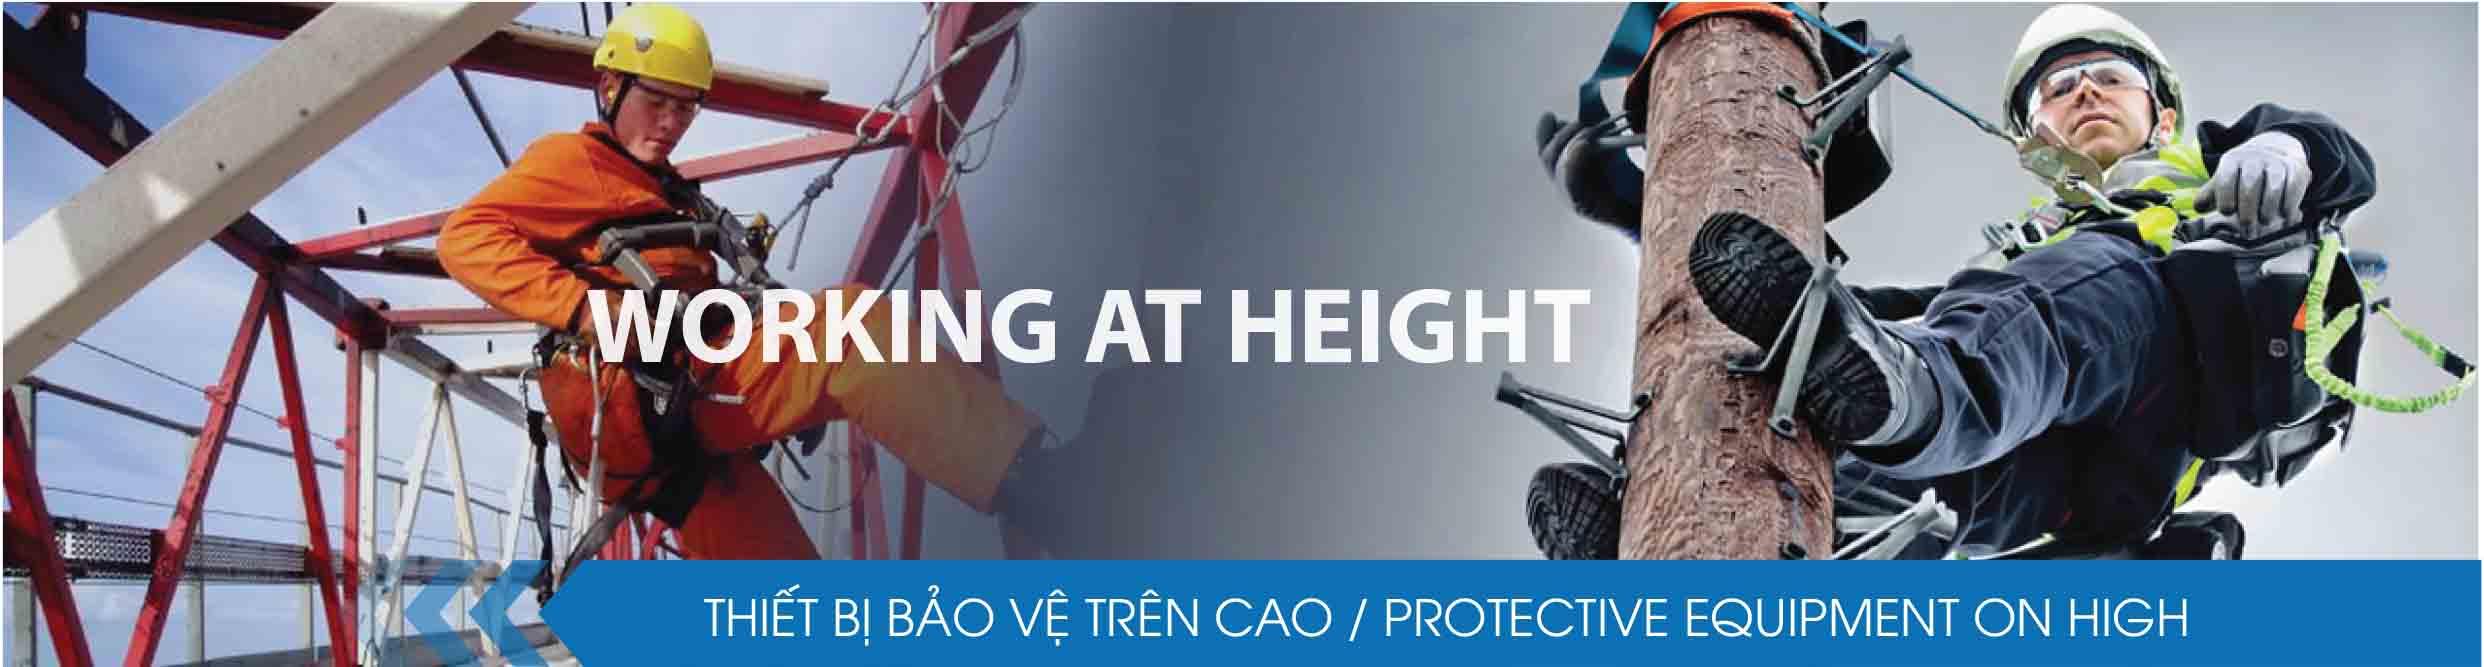 (Tiếng Việt) Bảo hộ trên cao